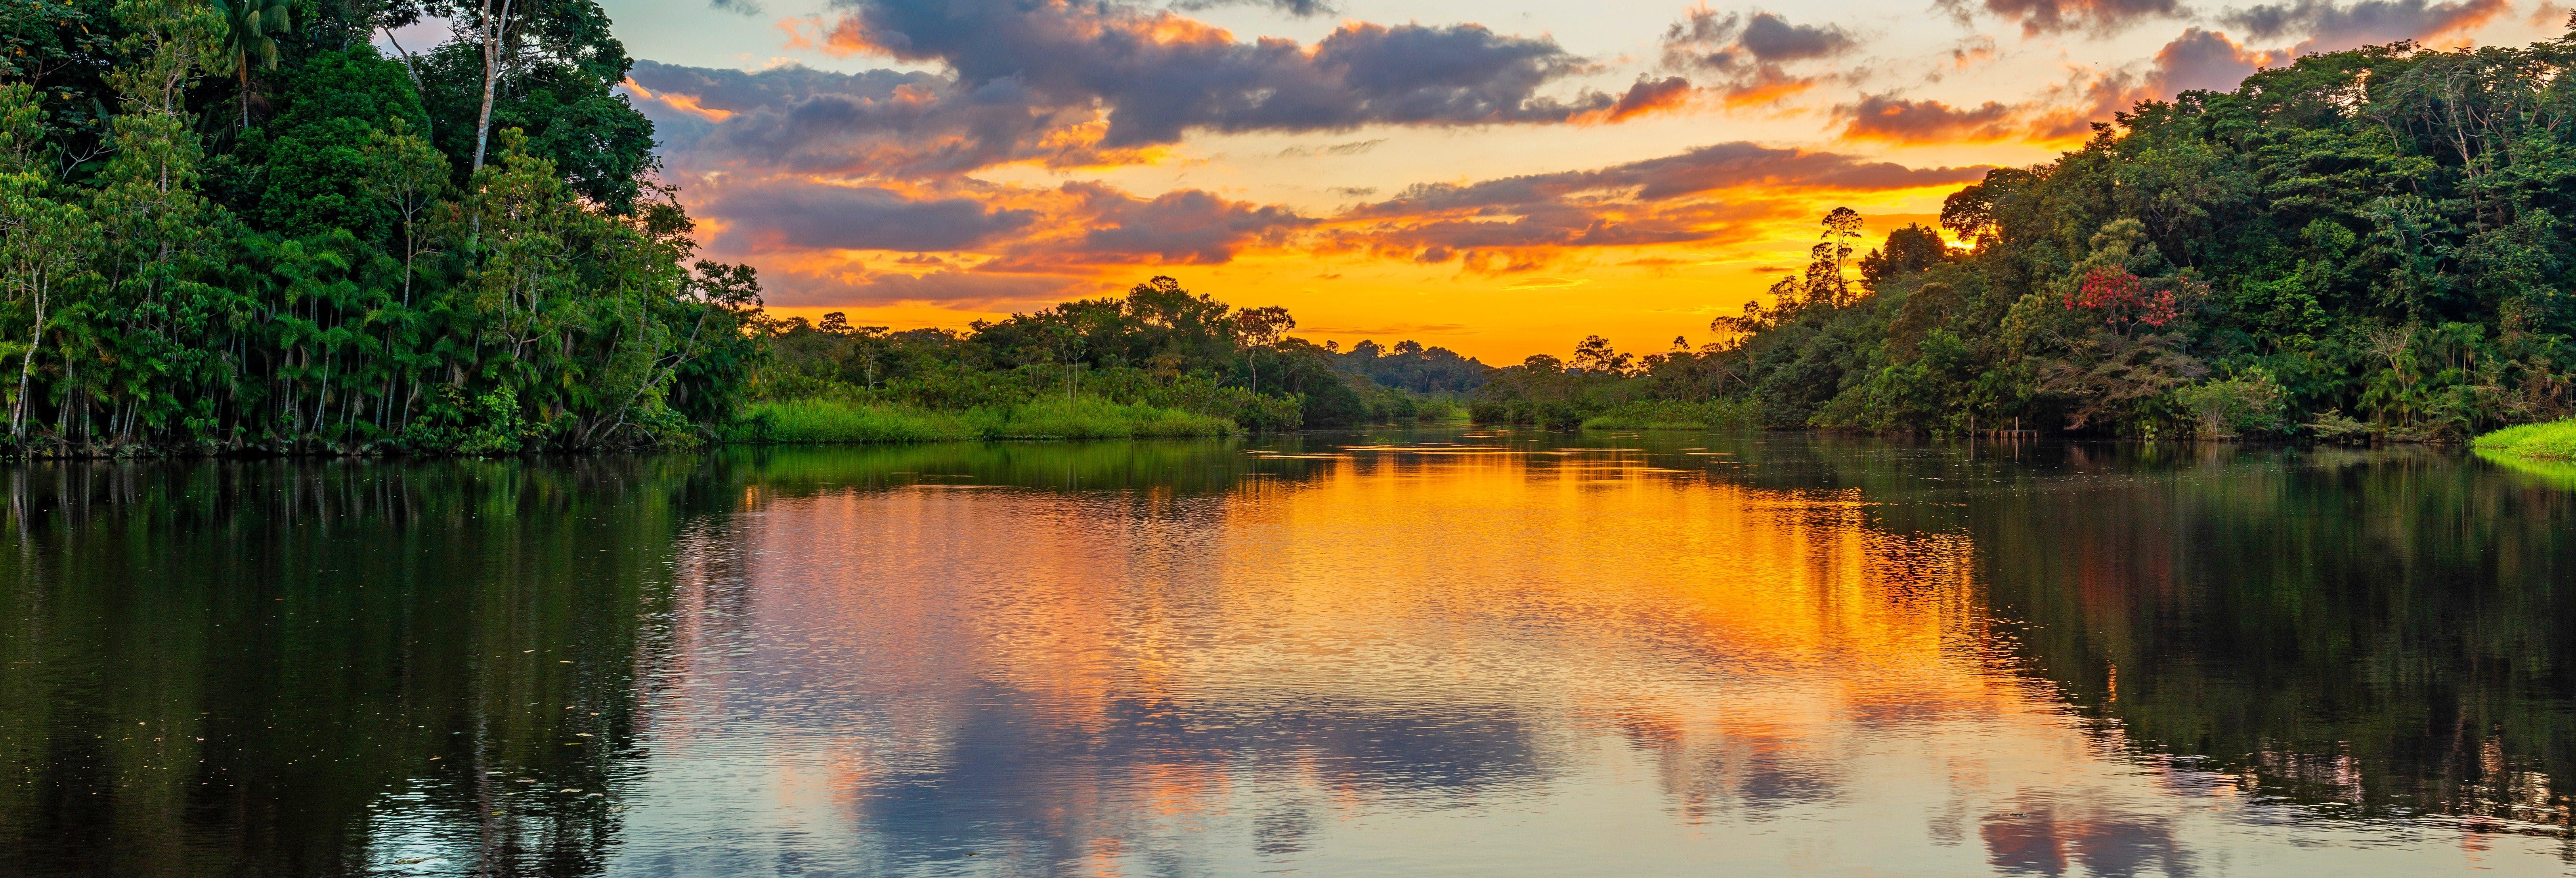 Amazon River: 3 Day Tour